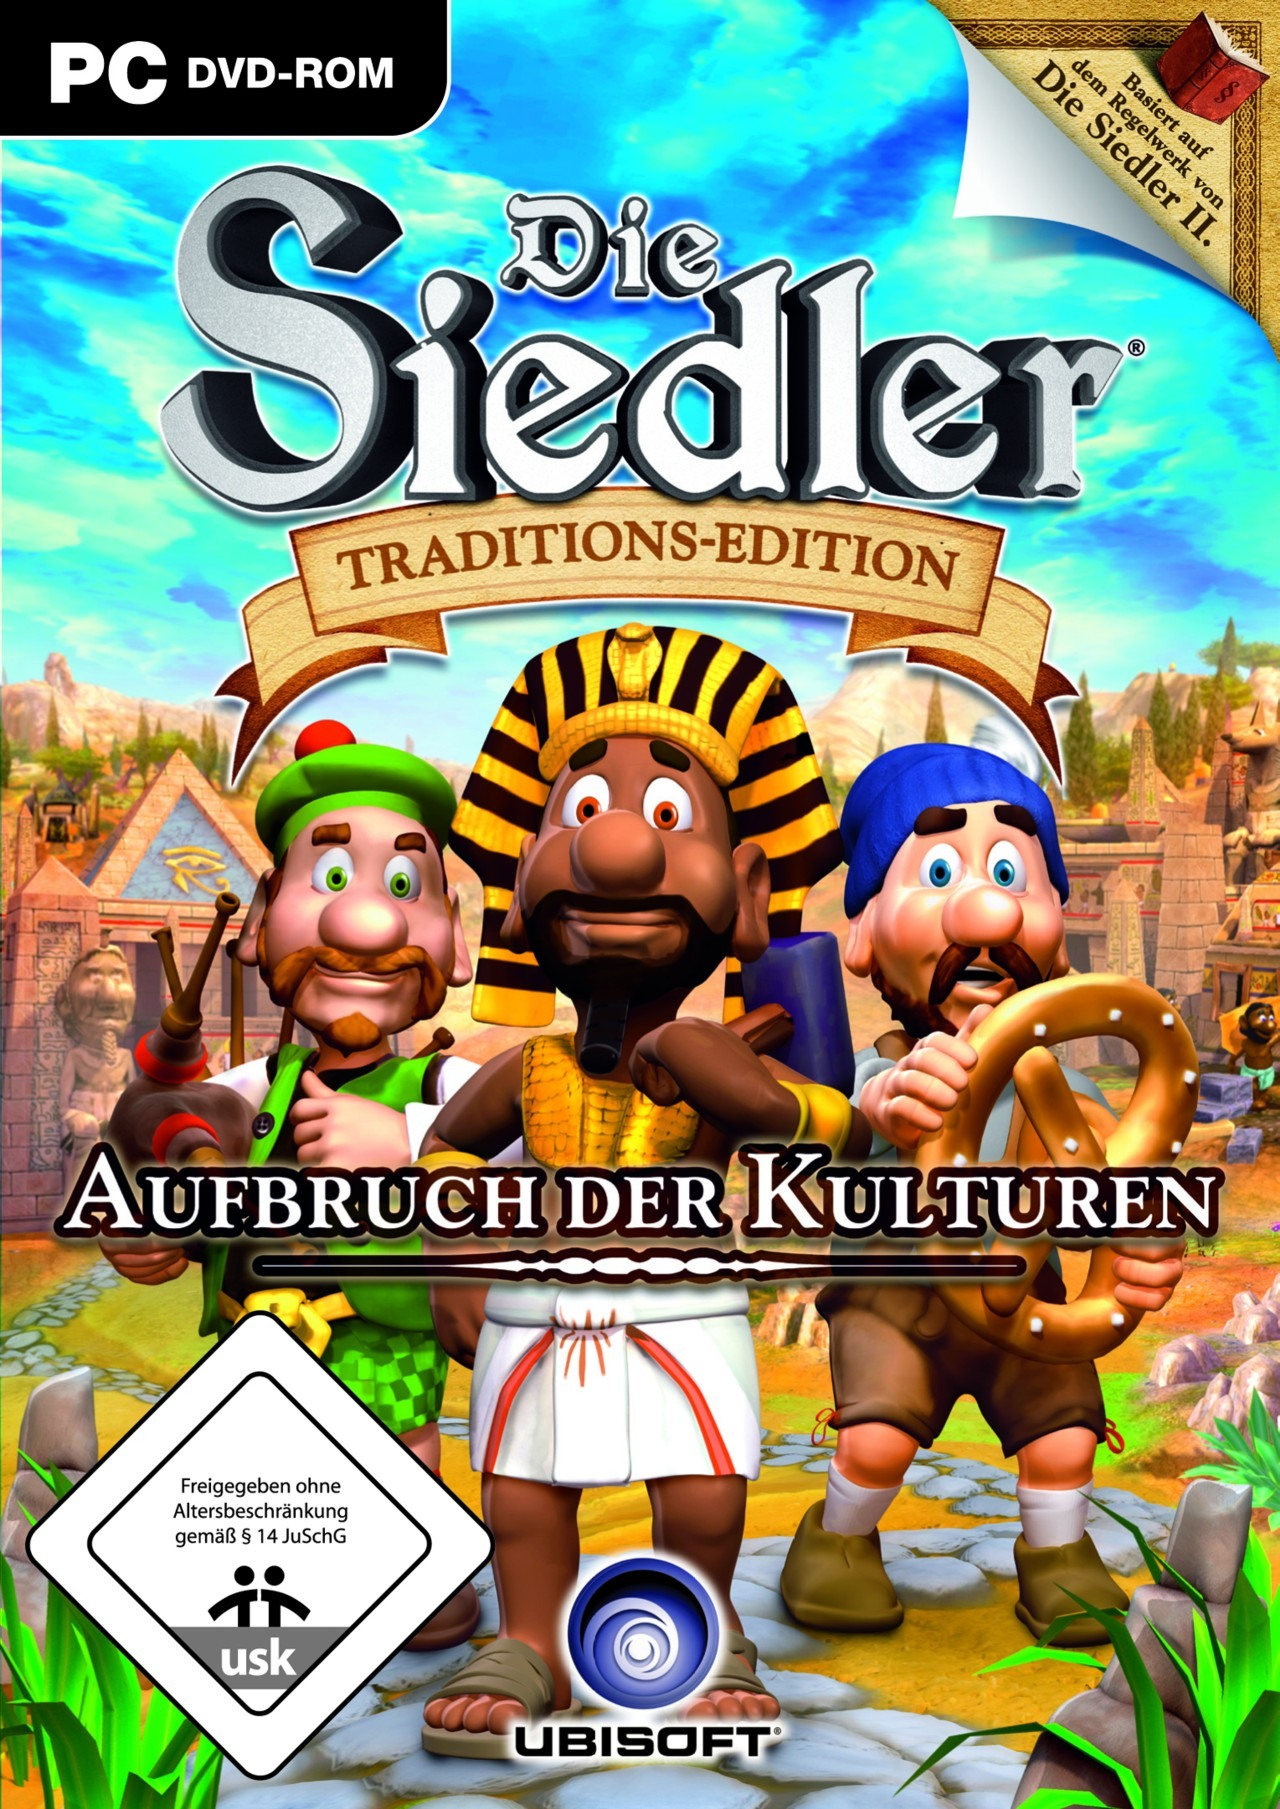 Die Siedler - Aufbruch der Kulturen